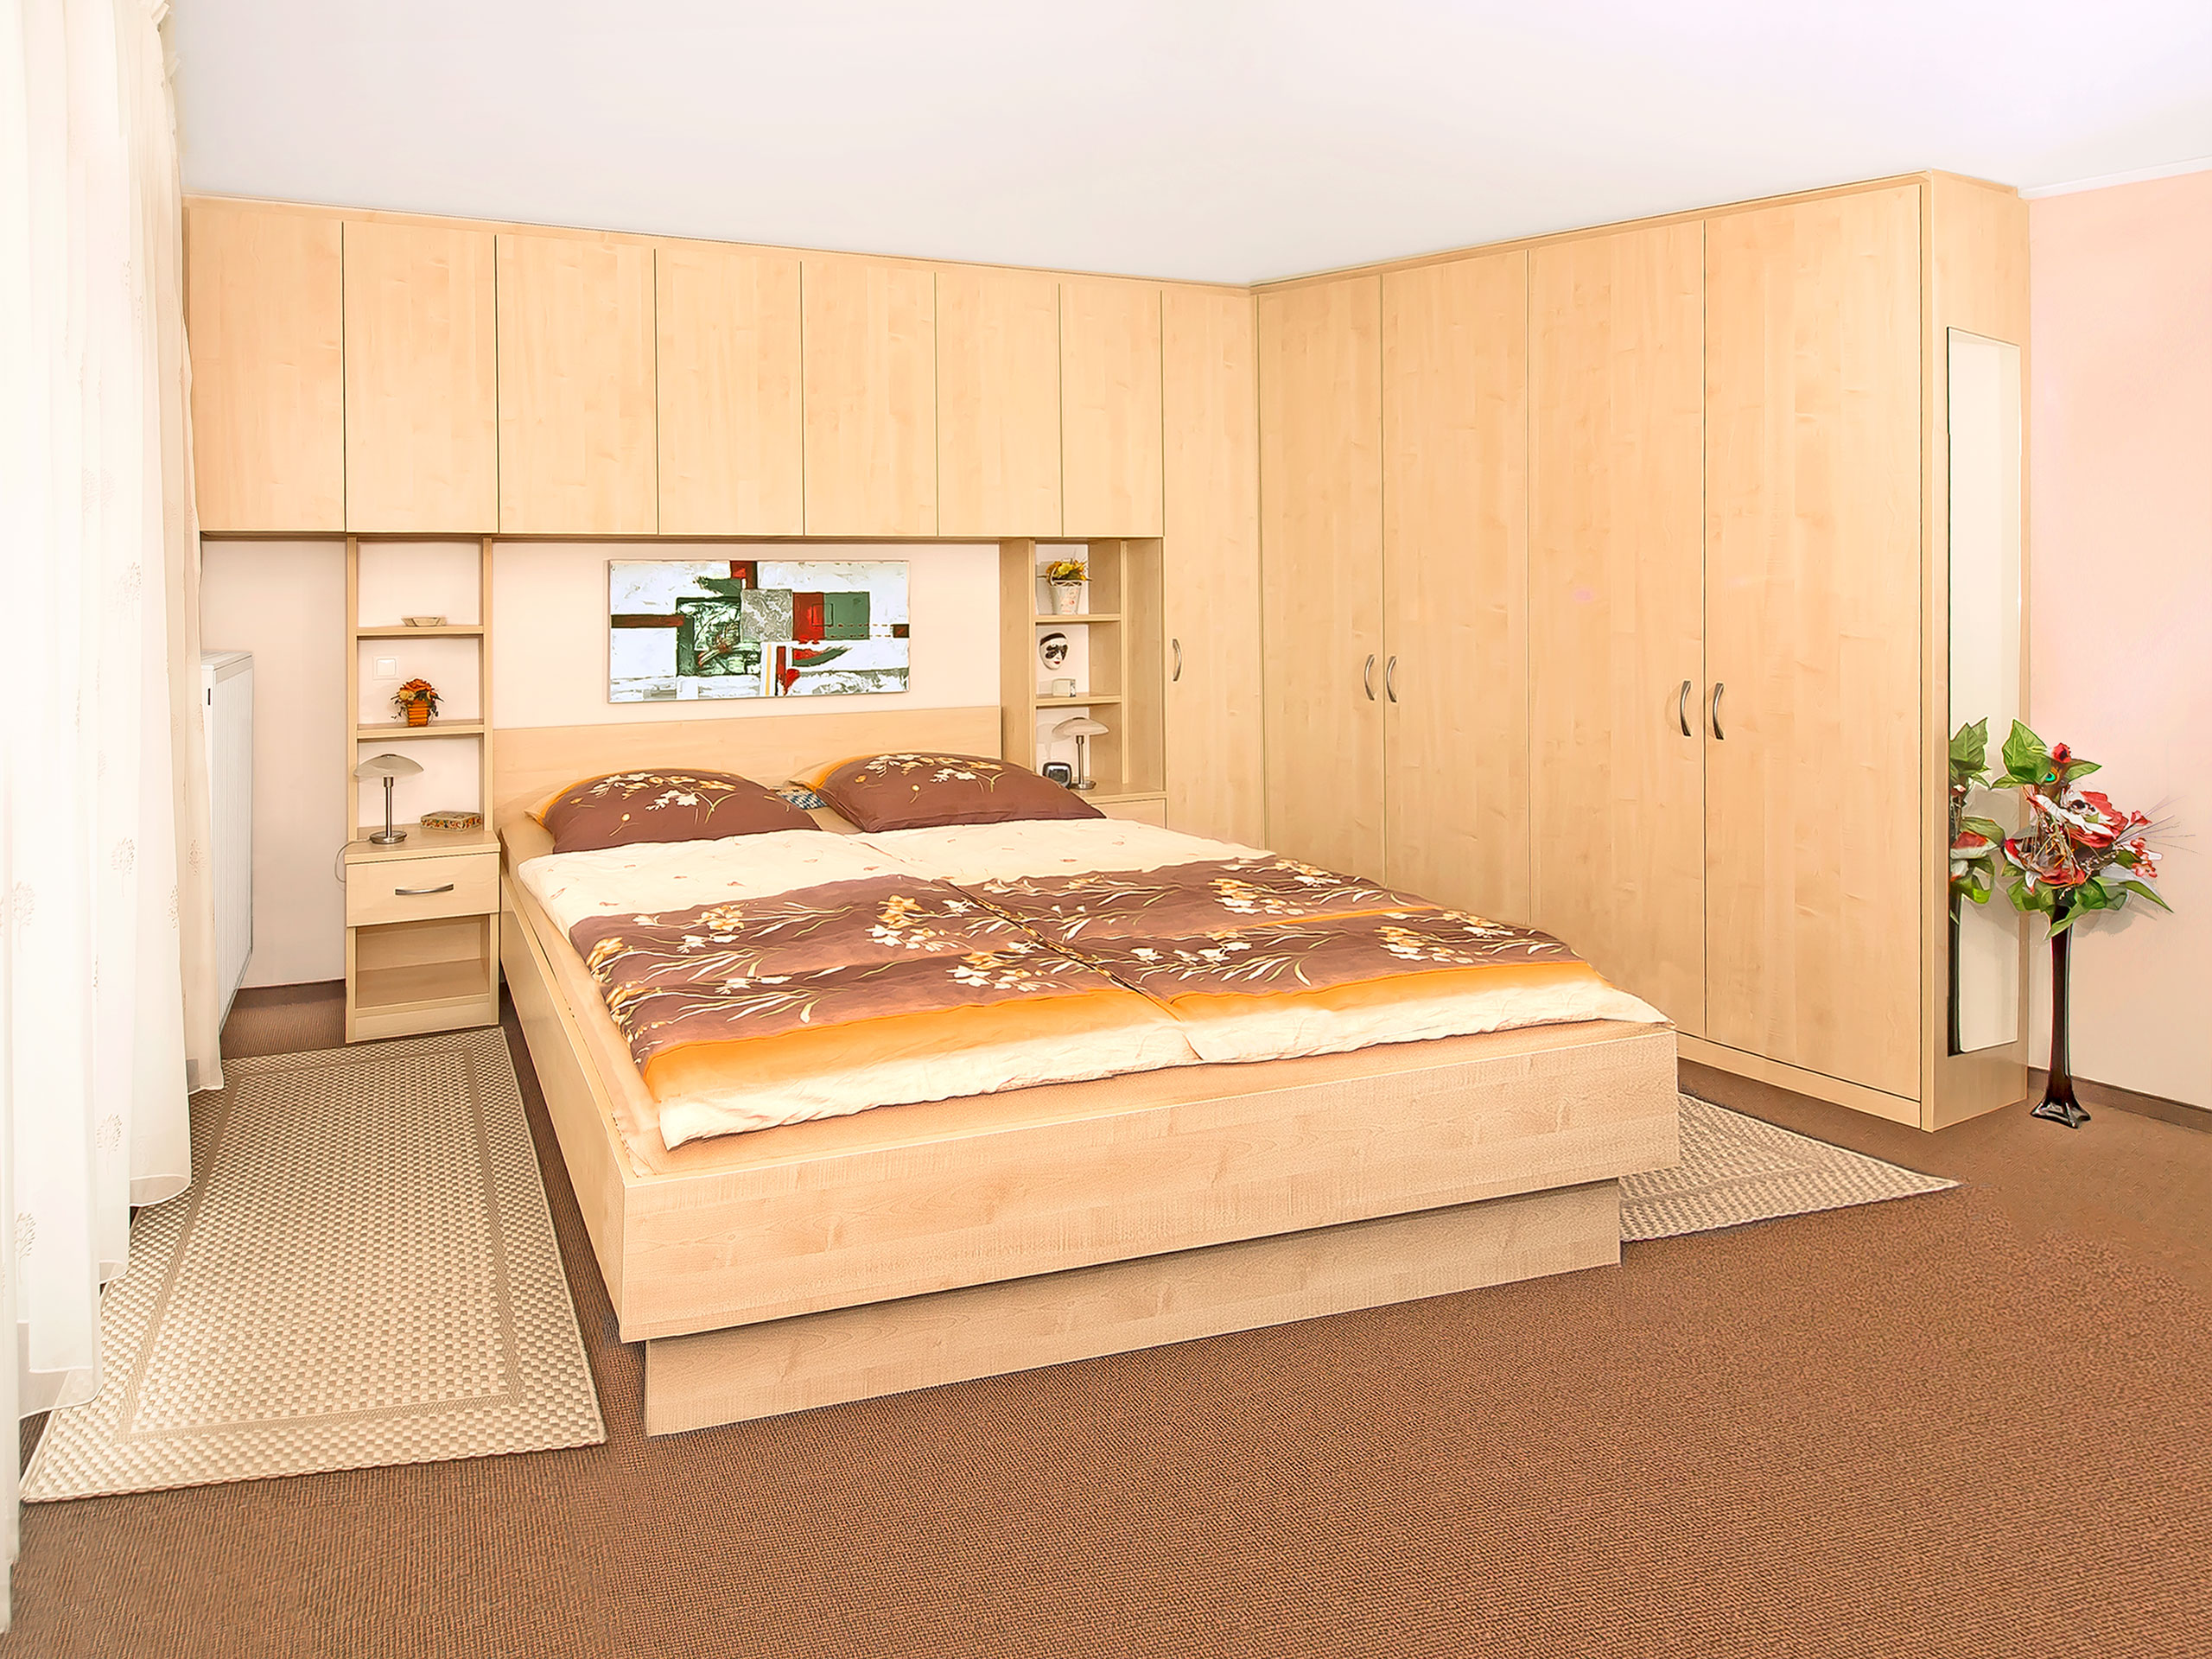 Full Size of Schlafzimmer überbau Behaglich Und Formschn Urbana Mbel Set Landhausstil Gardinen Regal Stuhl Für Komplettes Deko Günstig Wandtattoo Komplett Guenstig Wohnzimmer Schlafzimmer überbau